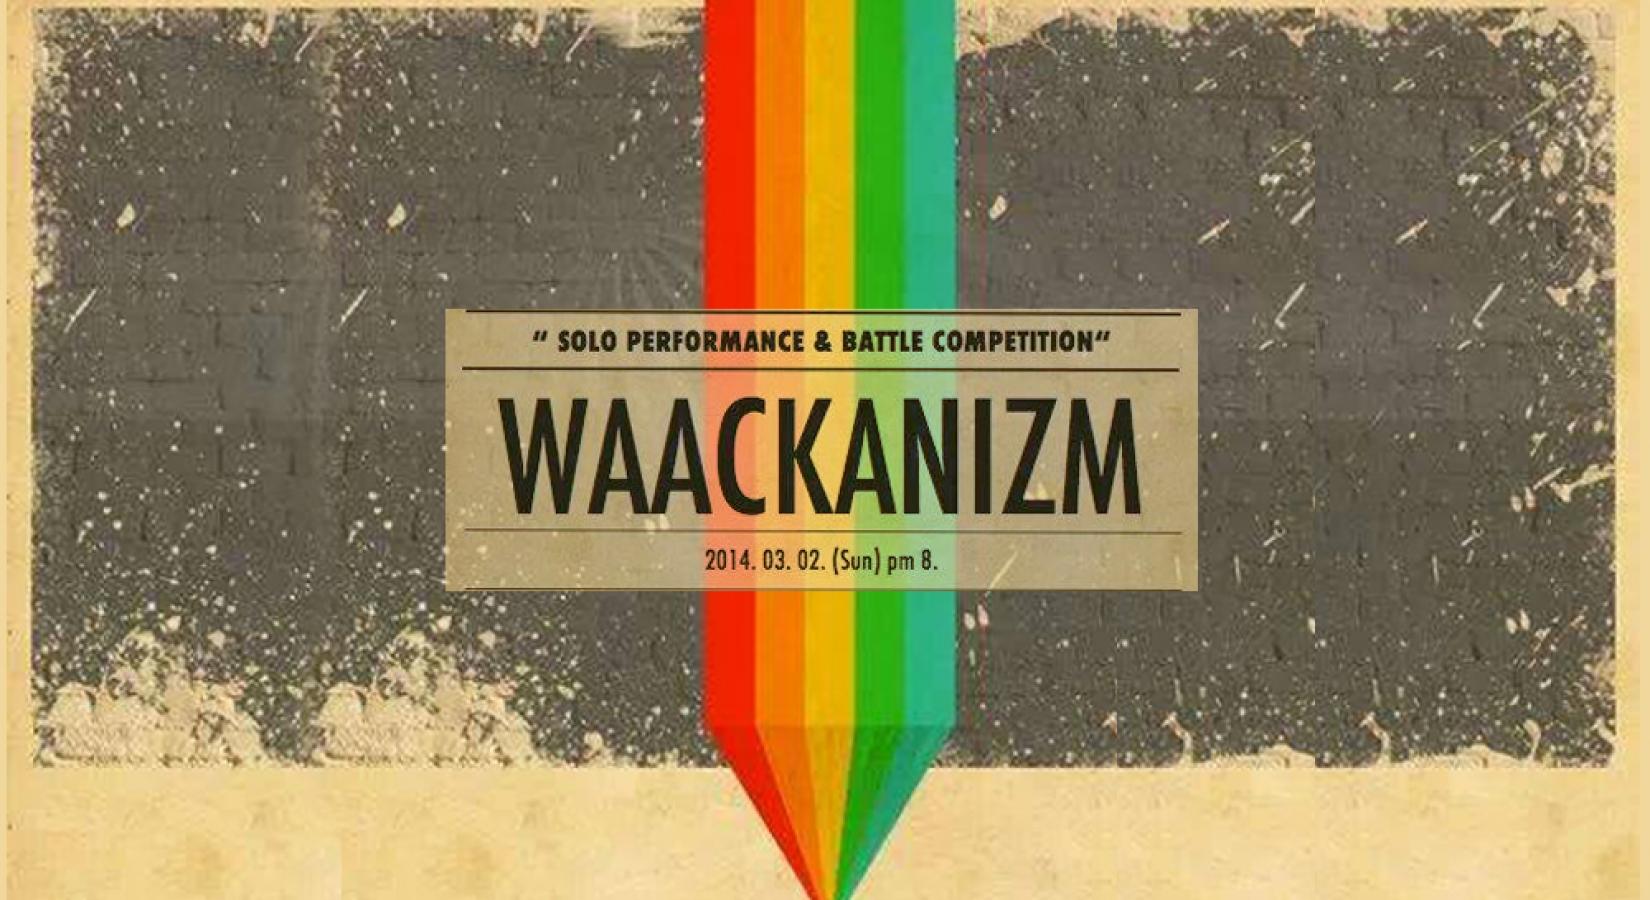 WAACKANIZM 왁킹 퍼포먼스 & 배틀 대회!!